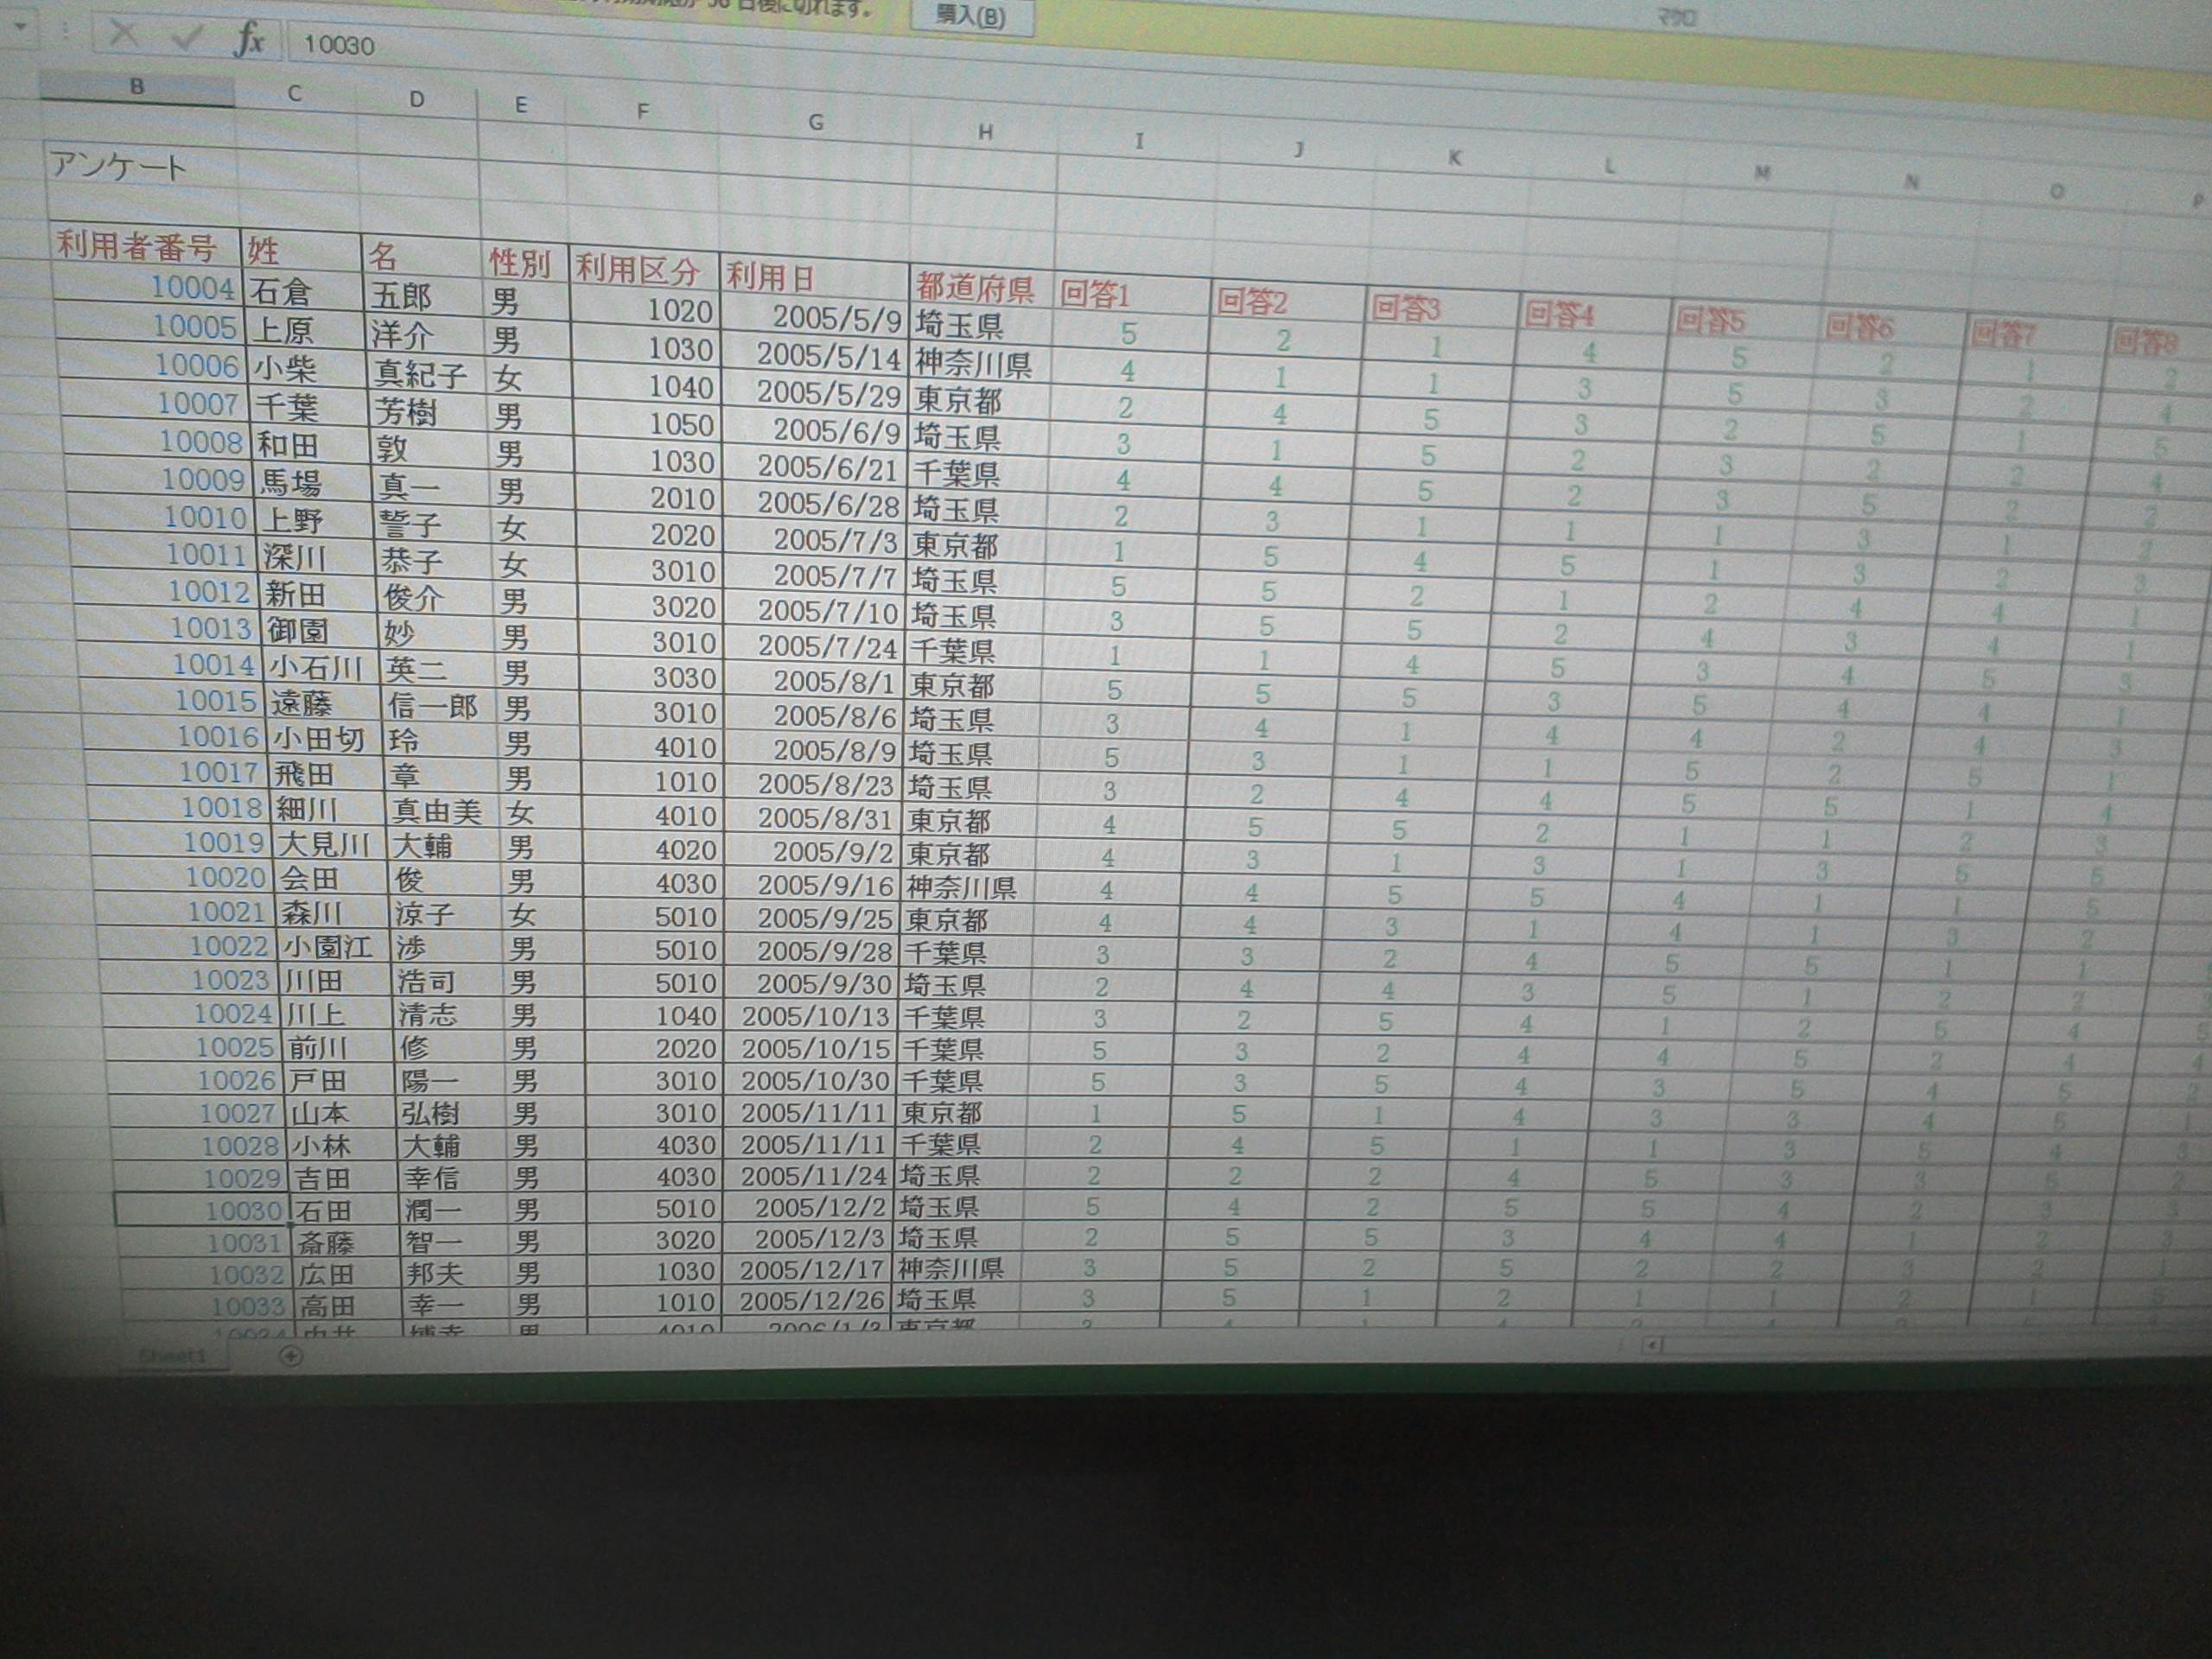 こちらは印刷設定前の元データです。これを印刷レイアウトや改ページにしてみようとの練習です。